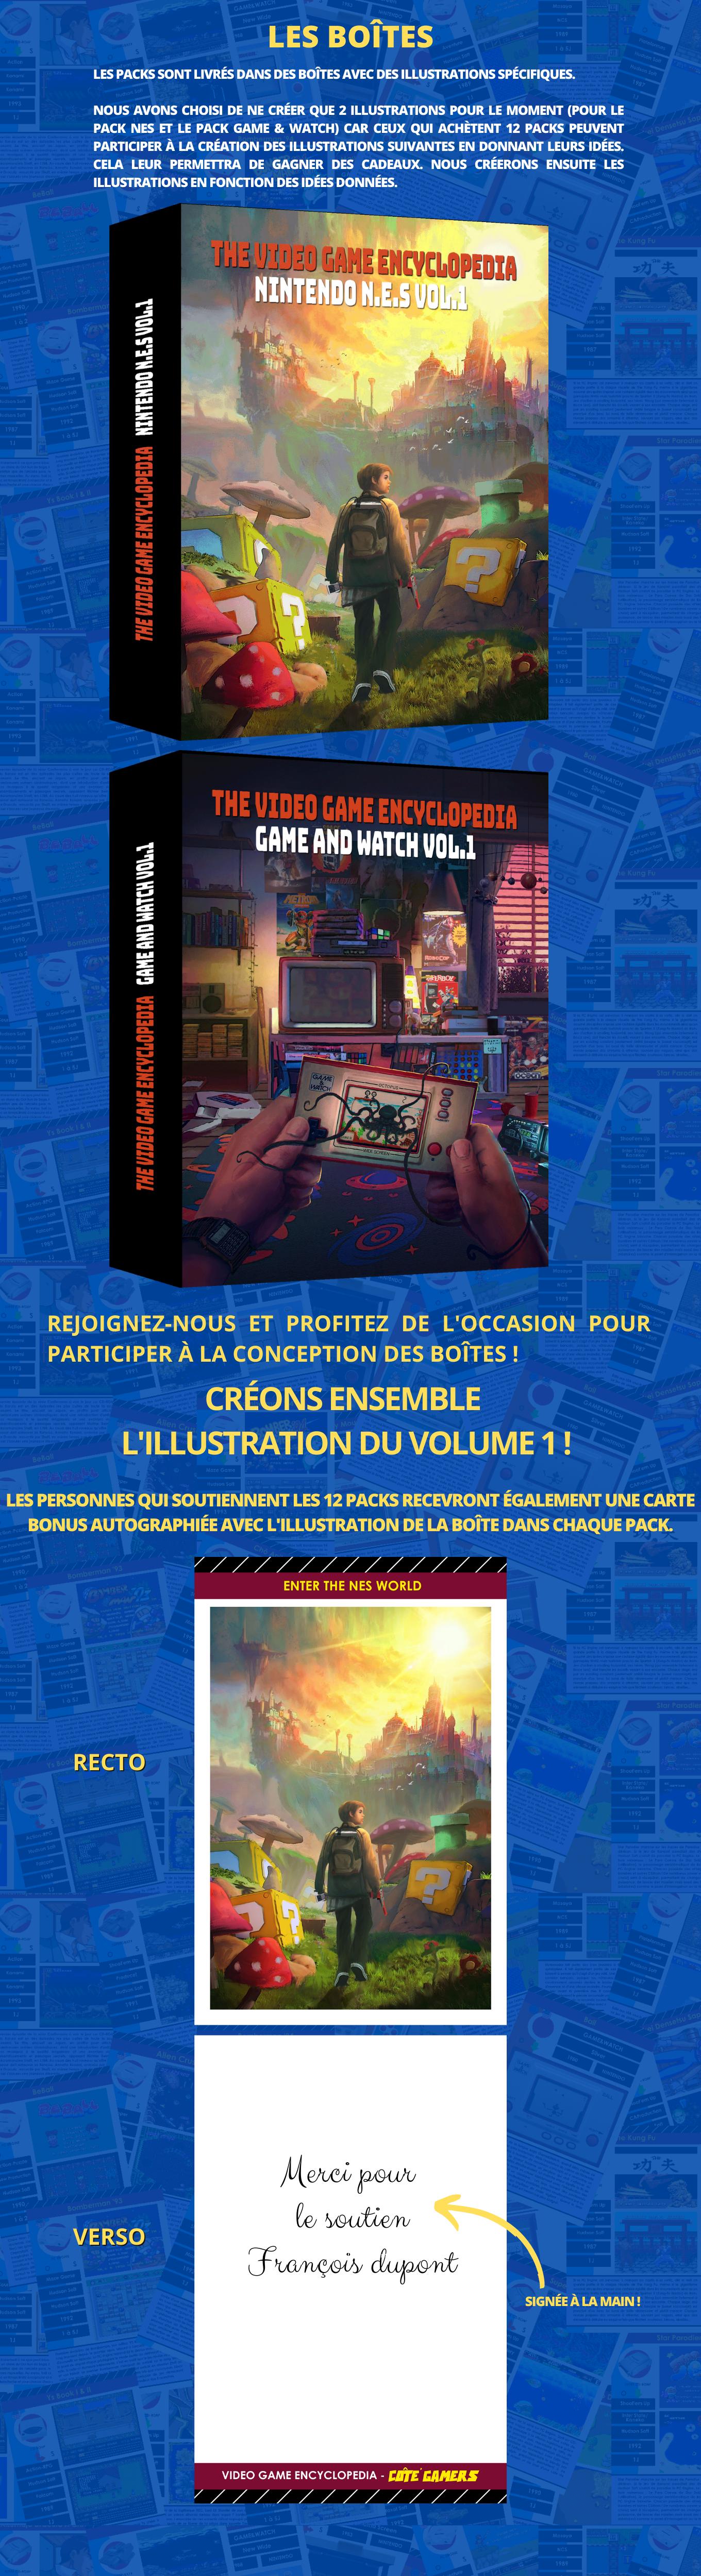 Les boîtes de l'encyclopédie du jeu vidéo